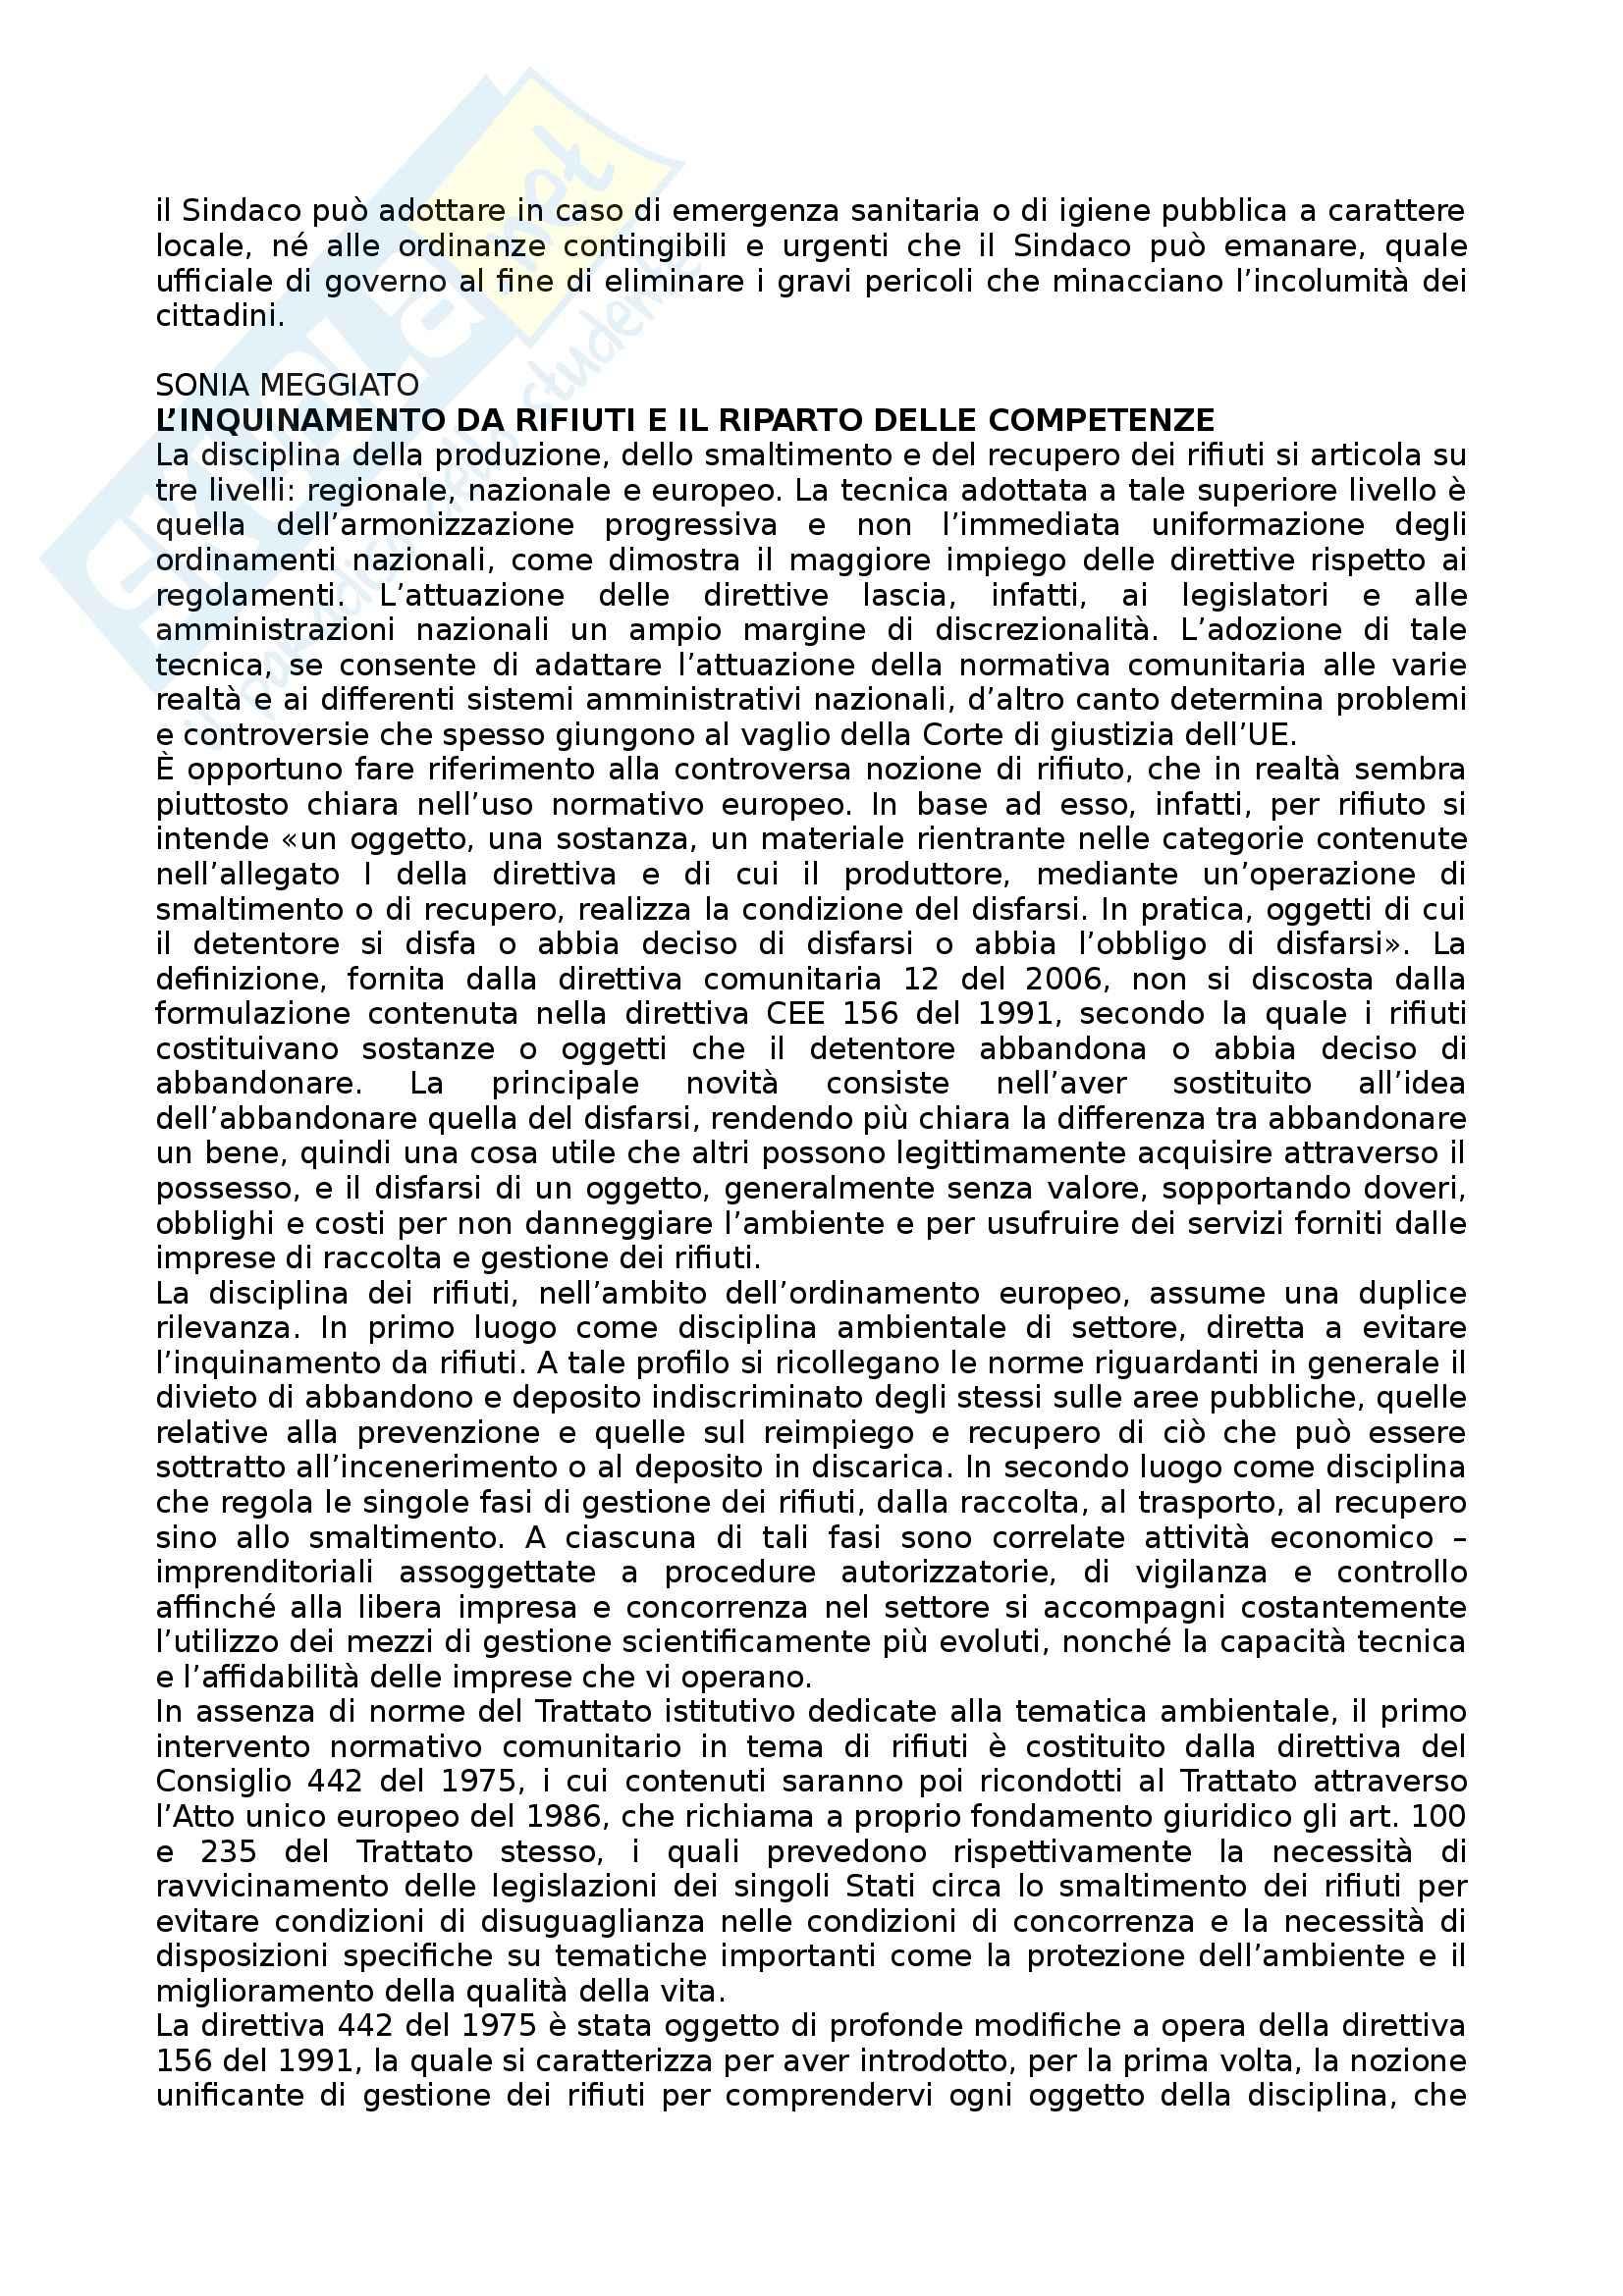 Riassunto esame Diritto Amministrativo, prof. Mastrangelo, libro consigliato Appunti sulla tutela amministrativa dagli inquinamenti ambientali Pag. 31